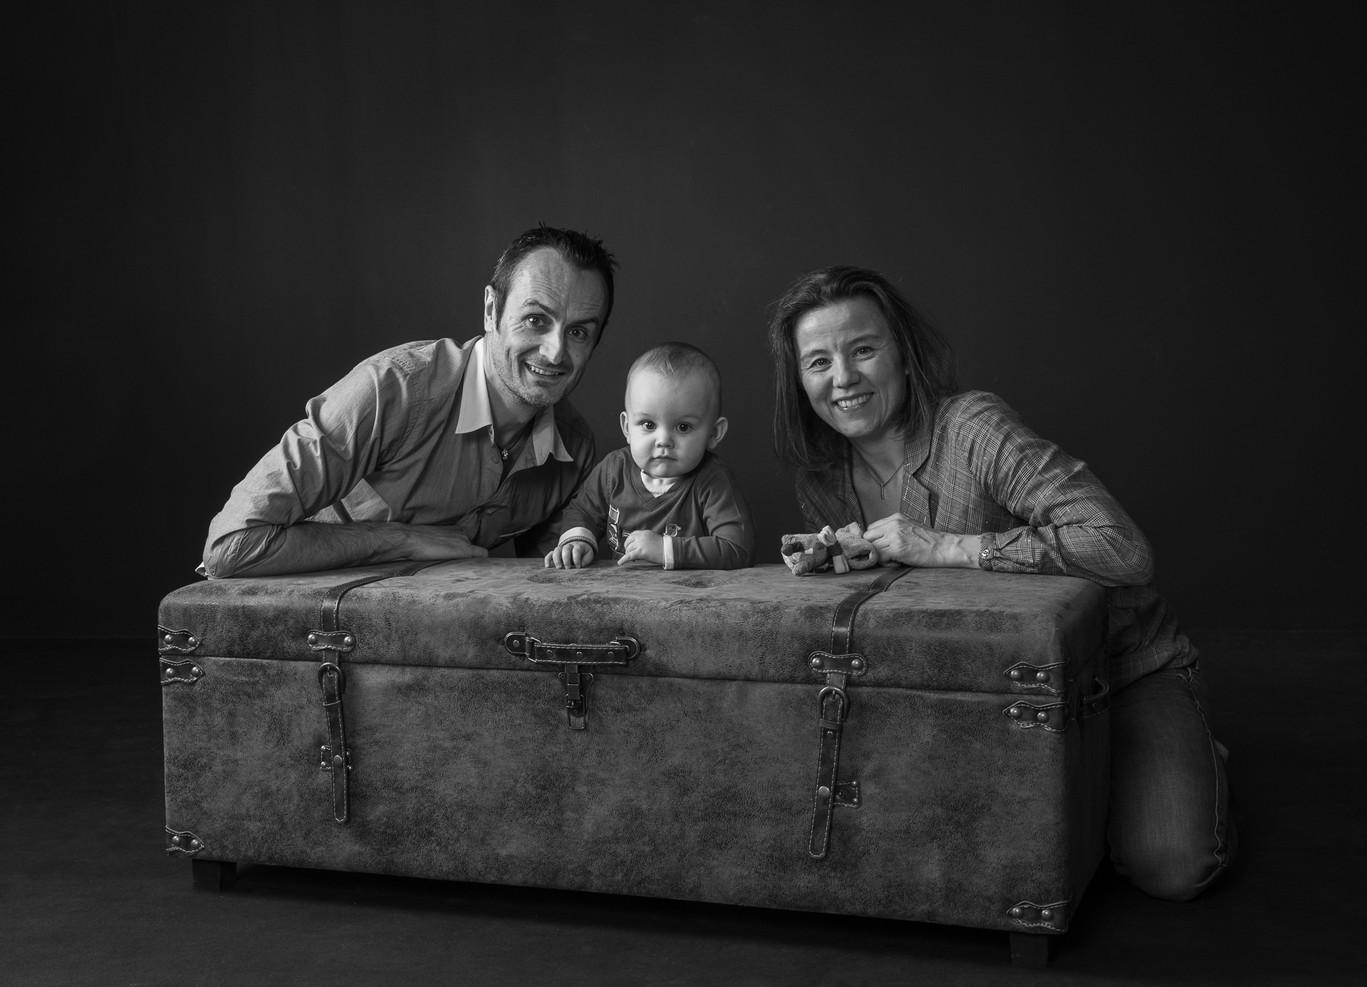 FAMILLE033.jpg